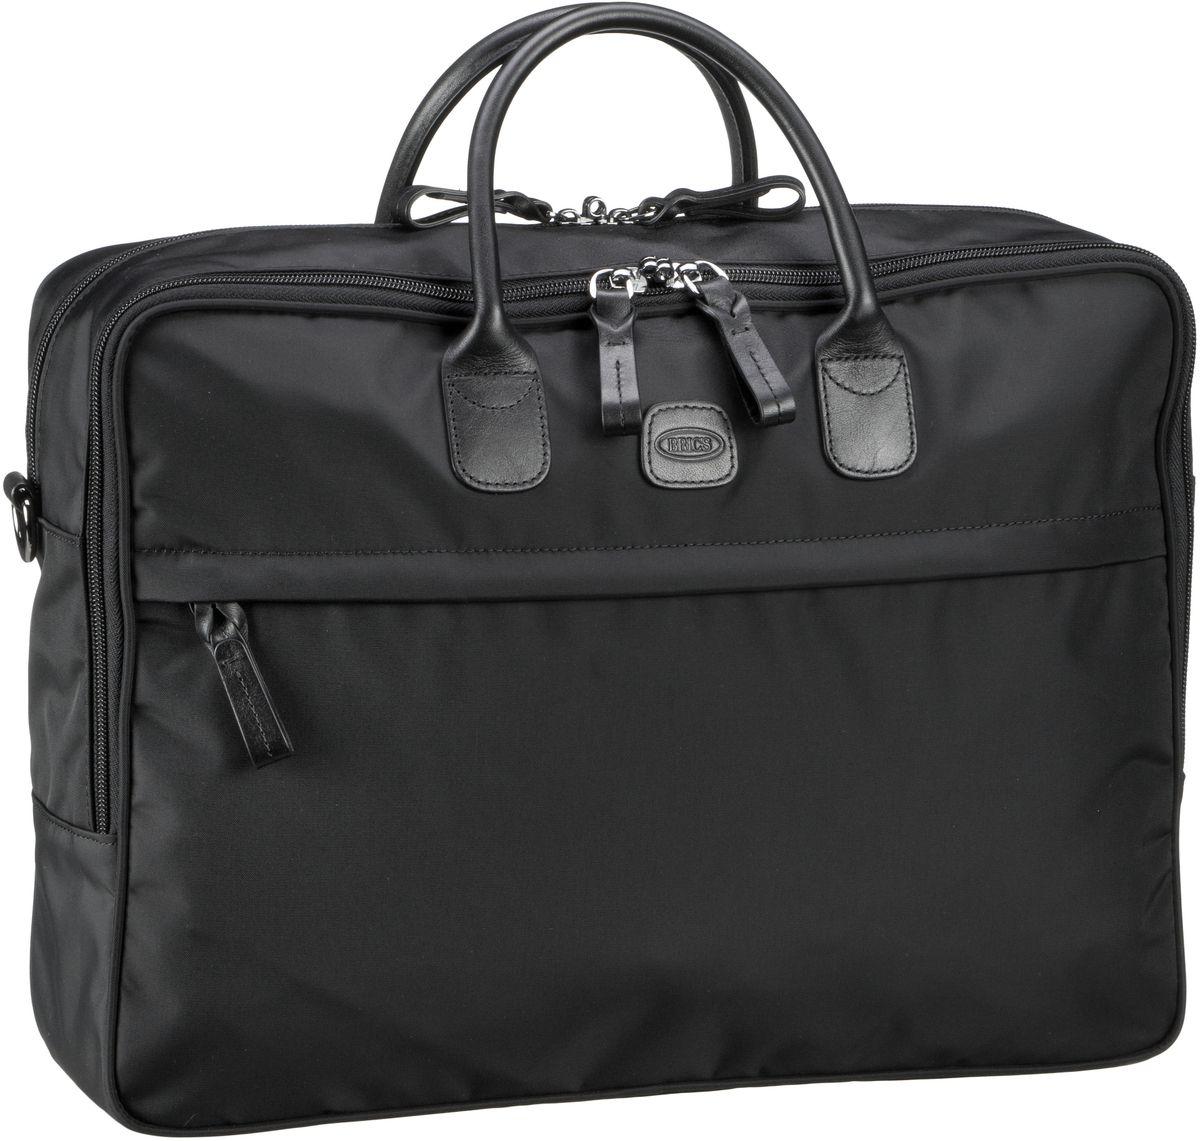 Businesstaschen für Frauen - Bric's Aktentasche X Travel Aktenmappe 45125 Nero Nero  - Onlineshop Taschenkaufhaus